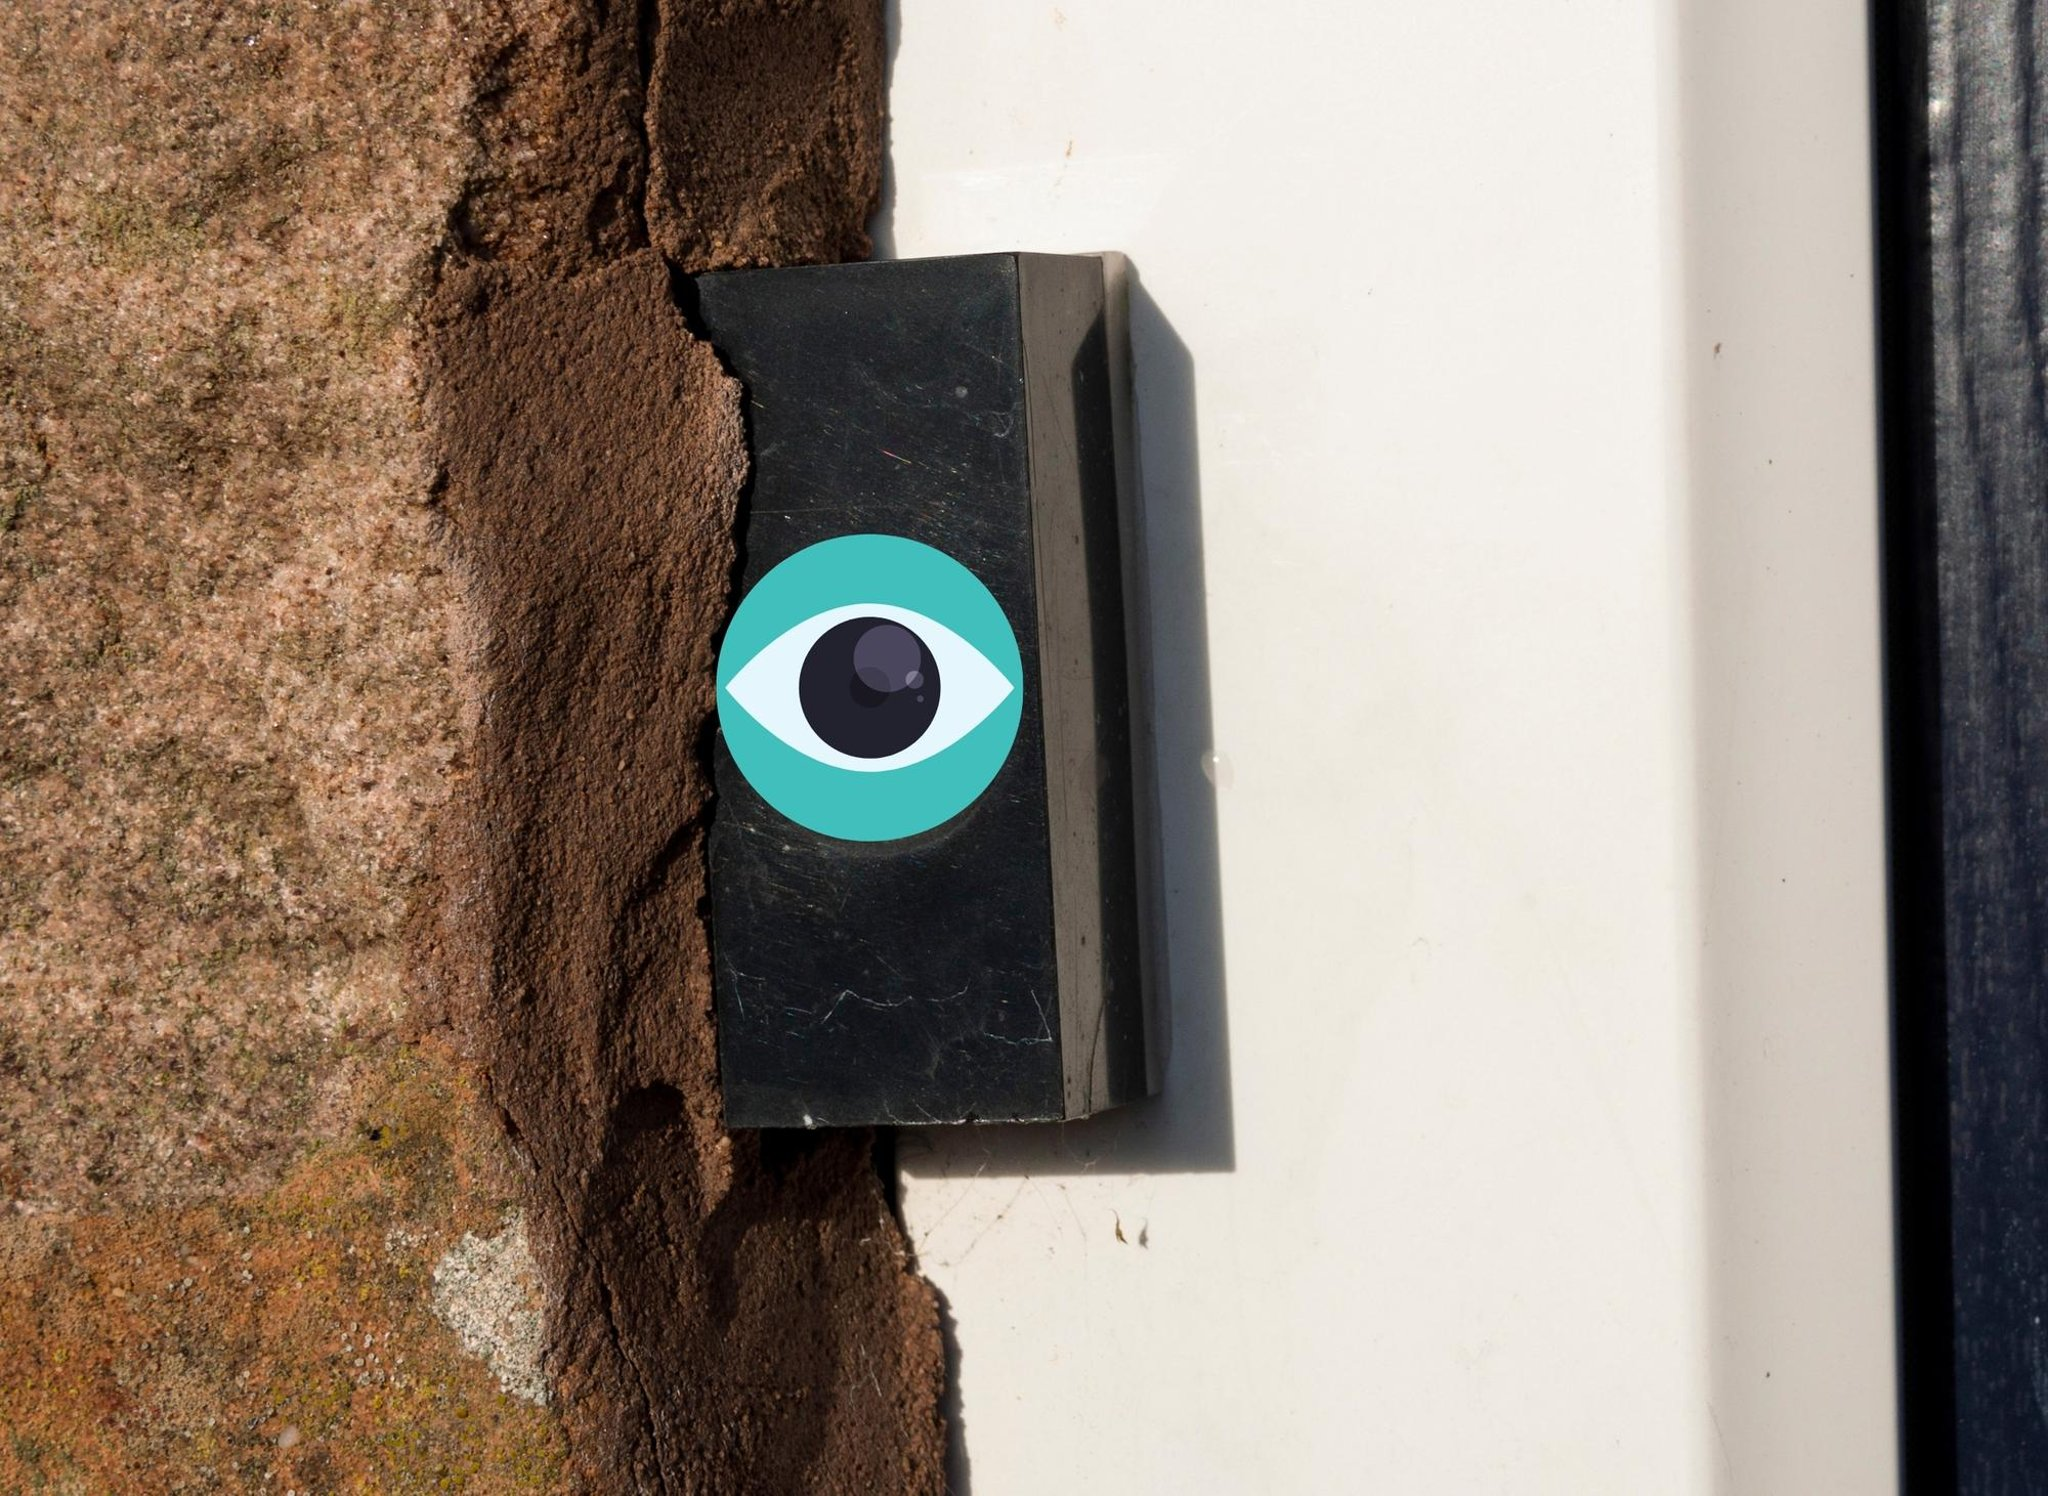 Deringkan bel pintu: Apakah bel pintu kamera pintar melanggar privasi?  Kasus pengadilan bel pintu Inggris, dijelaskan